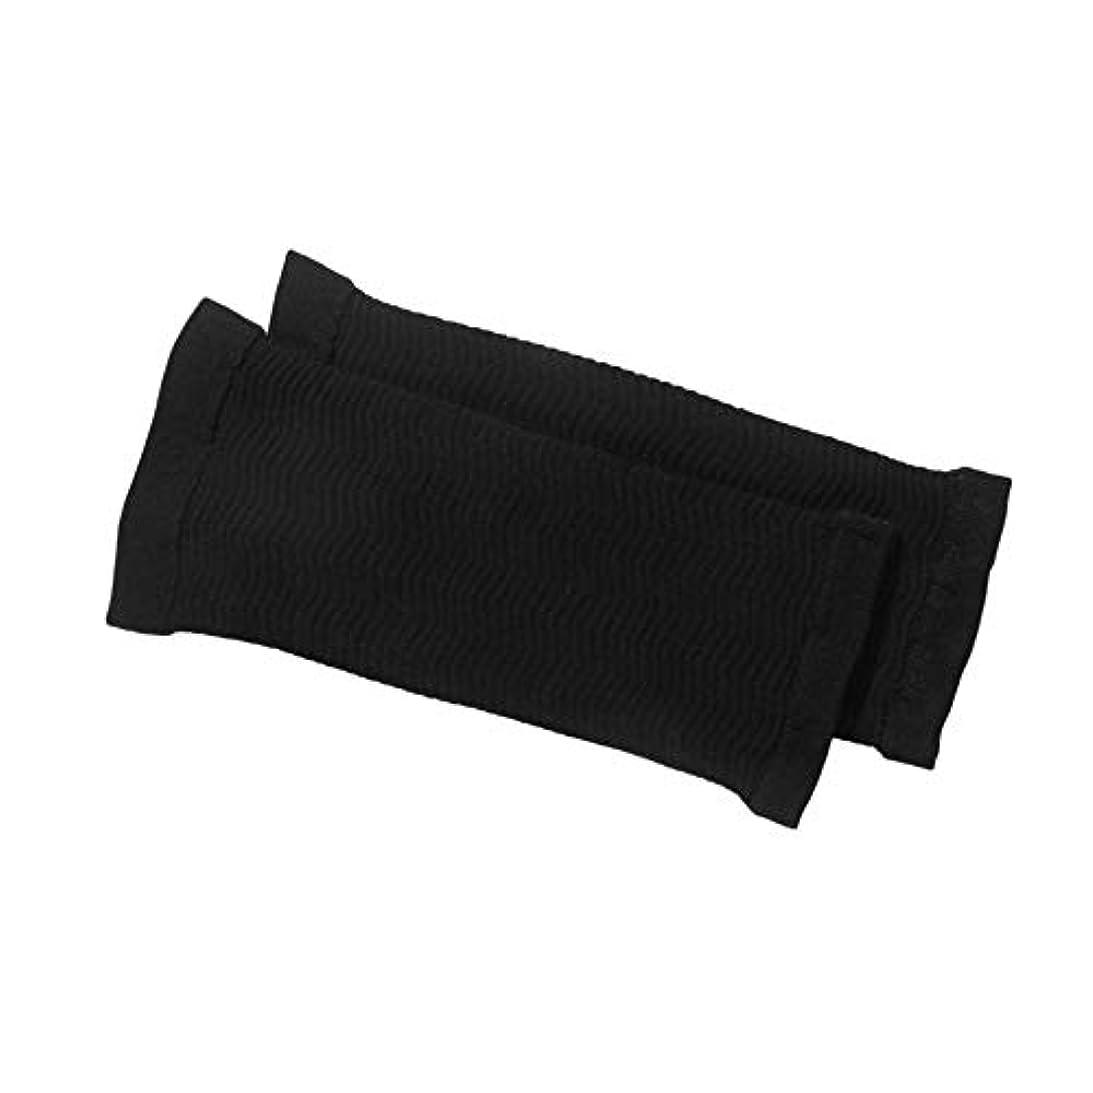 再生症状アミューズ1ペア420 D圧縮痩身アームスリーブワークアウトトーニングバーンセルライトシェイパー脂肪燃焼袖用女性 - 黒